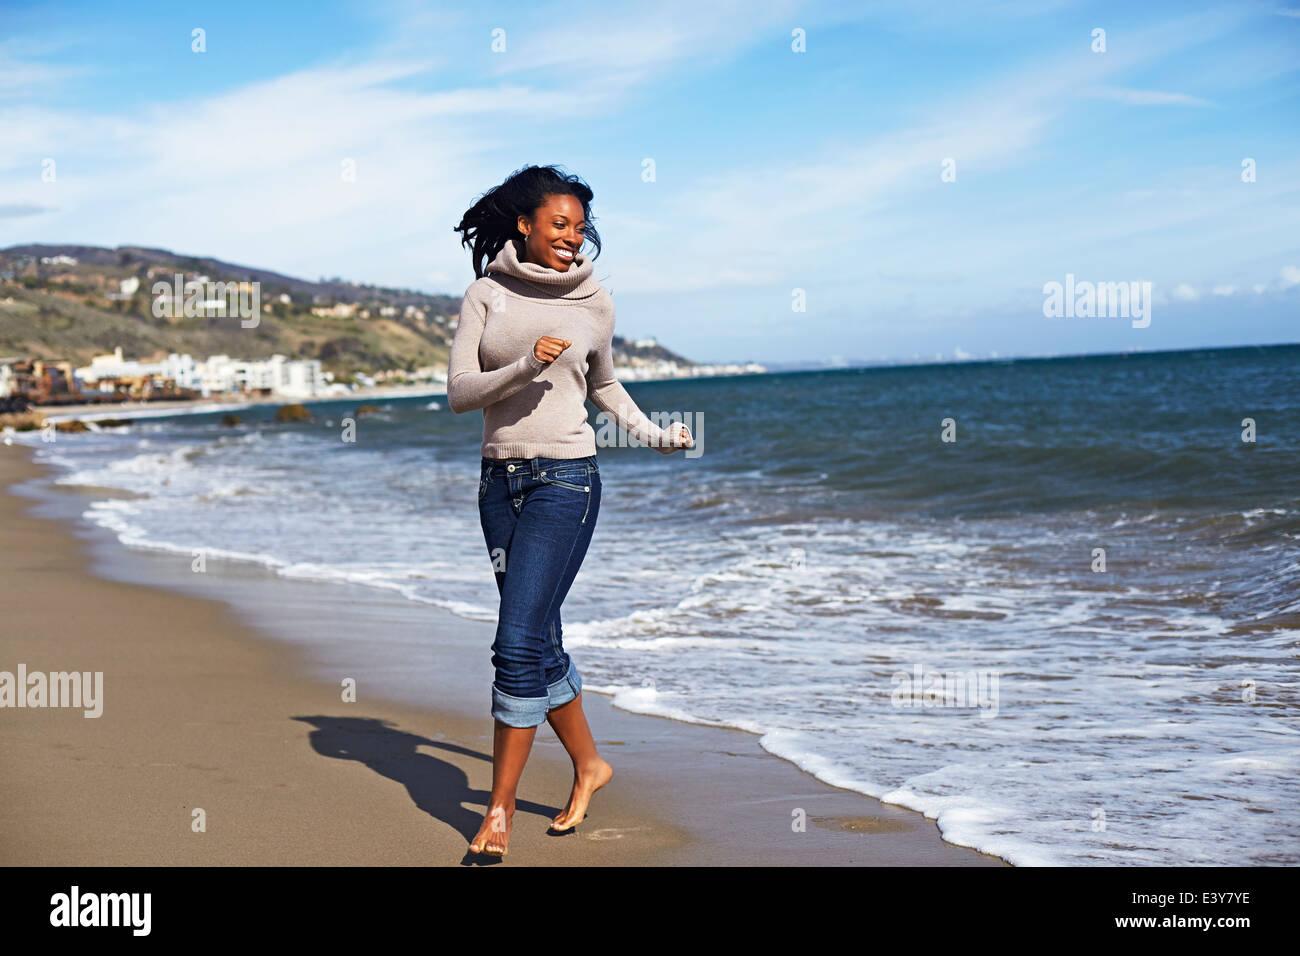 Giovane donna camminare a piedi scalzi sulla spiaggia, Malibu, California, Stati Uniti d'America Immagini Stock